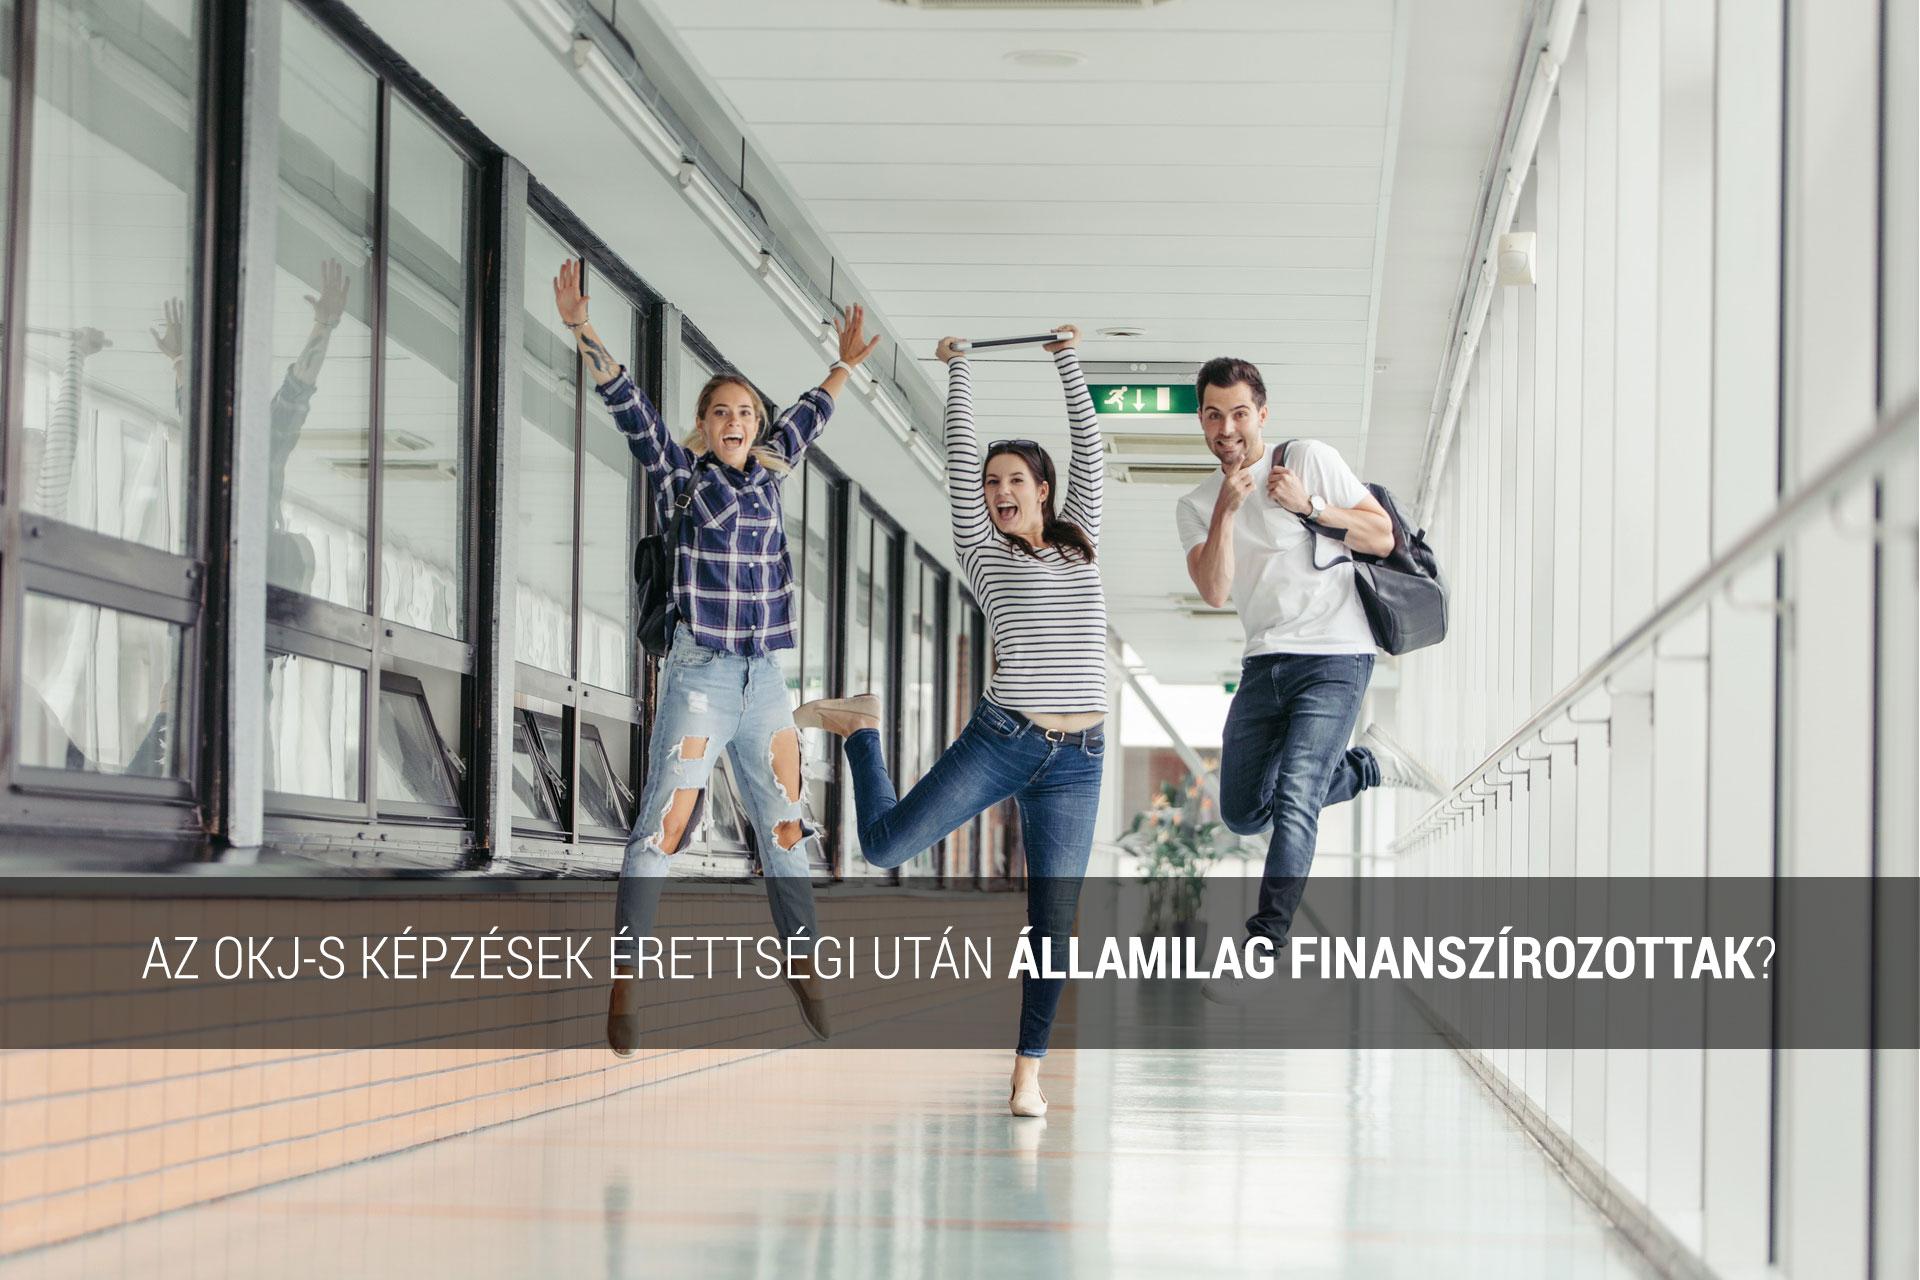 érettségi utáni államilag finanszírozott képzések